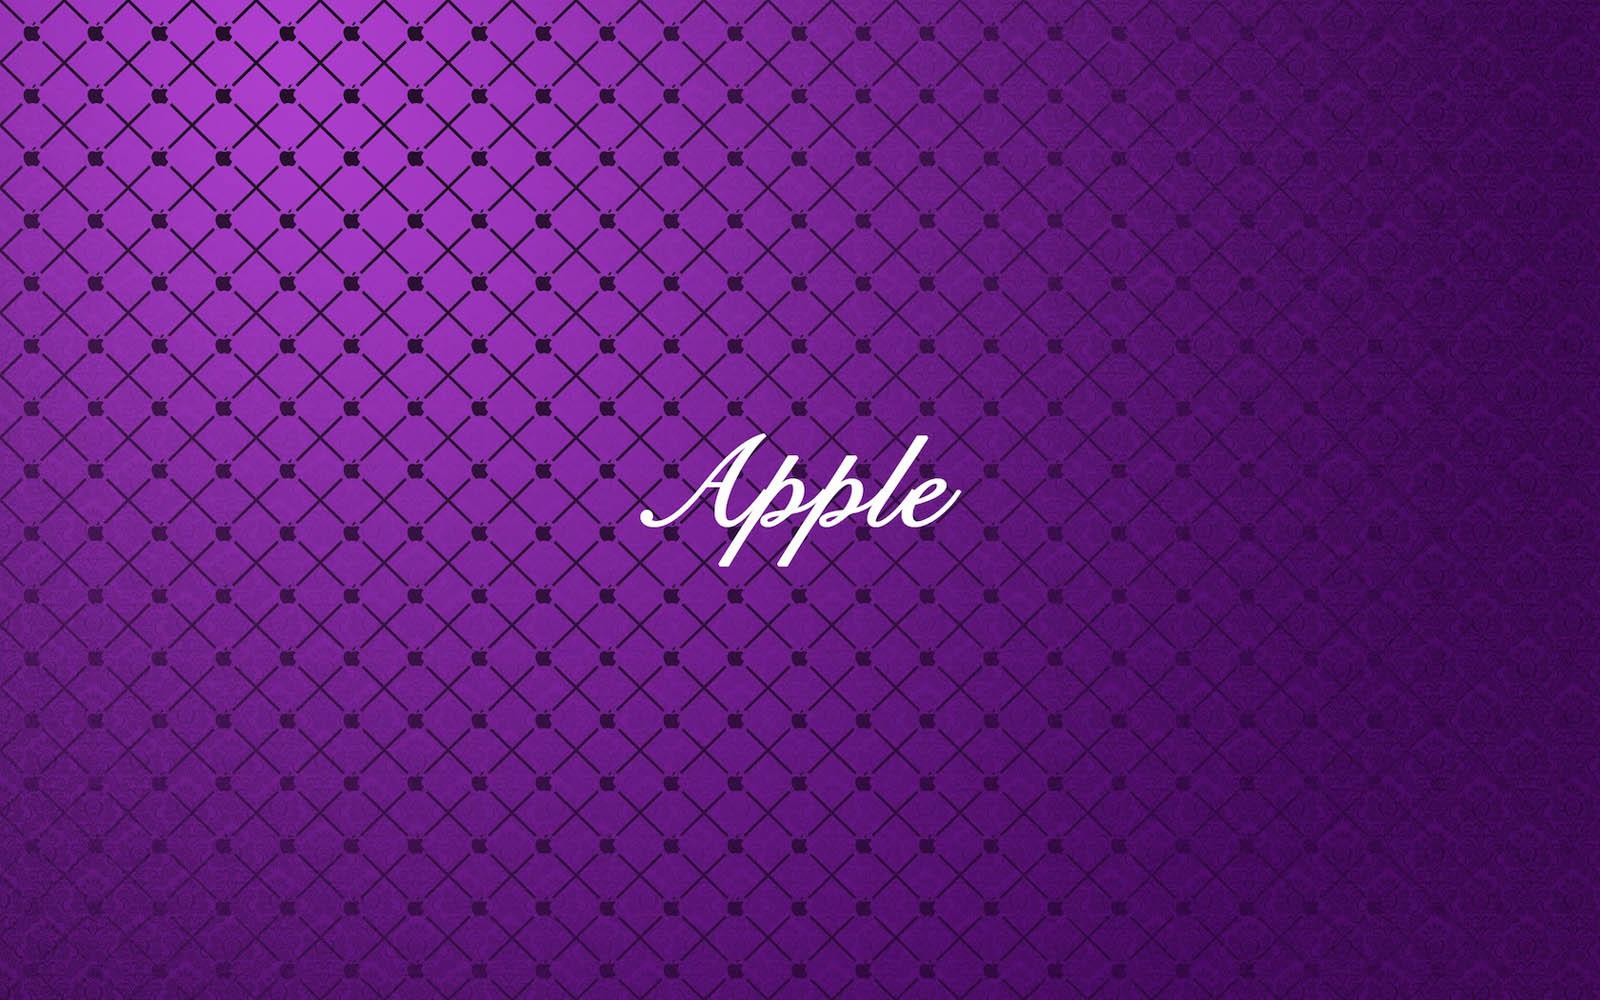 wallpapers abstract purple desktop wallpapers abstract purple desktop 1600x1000